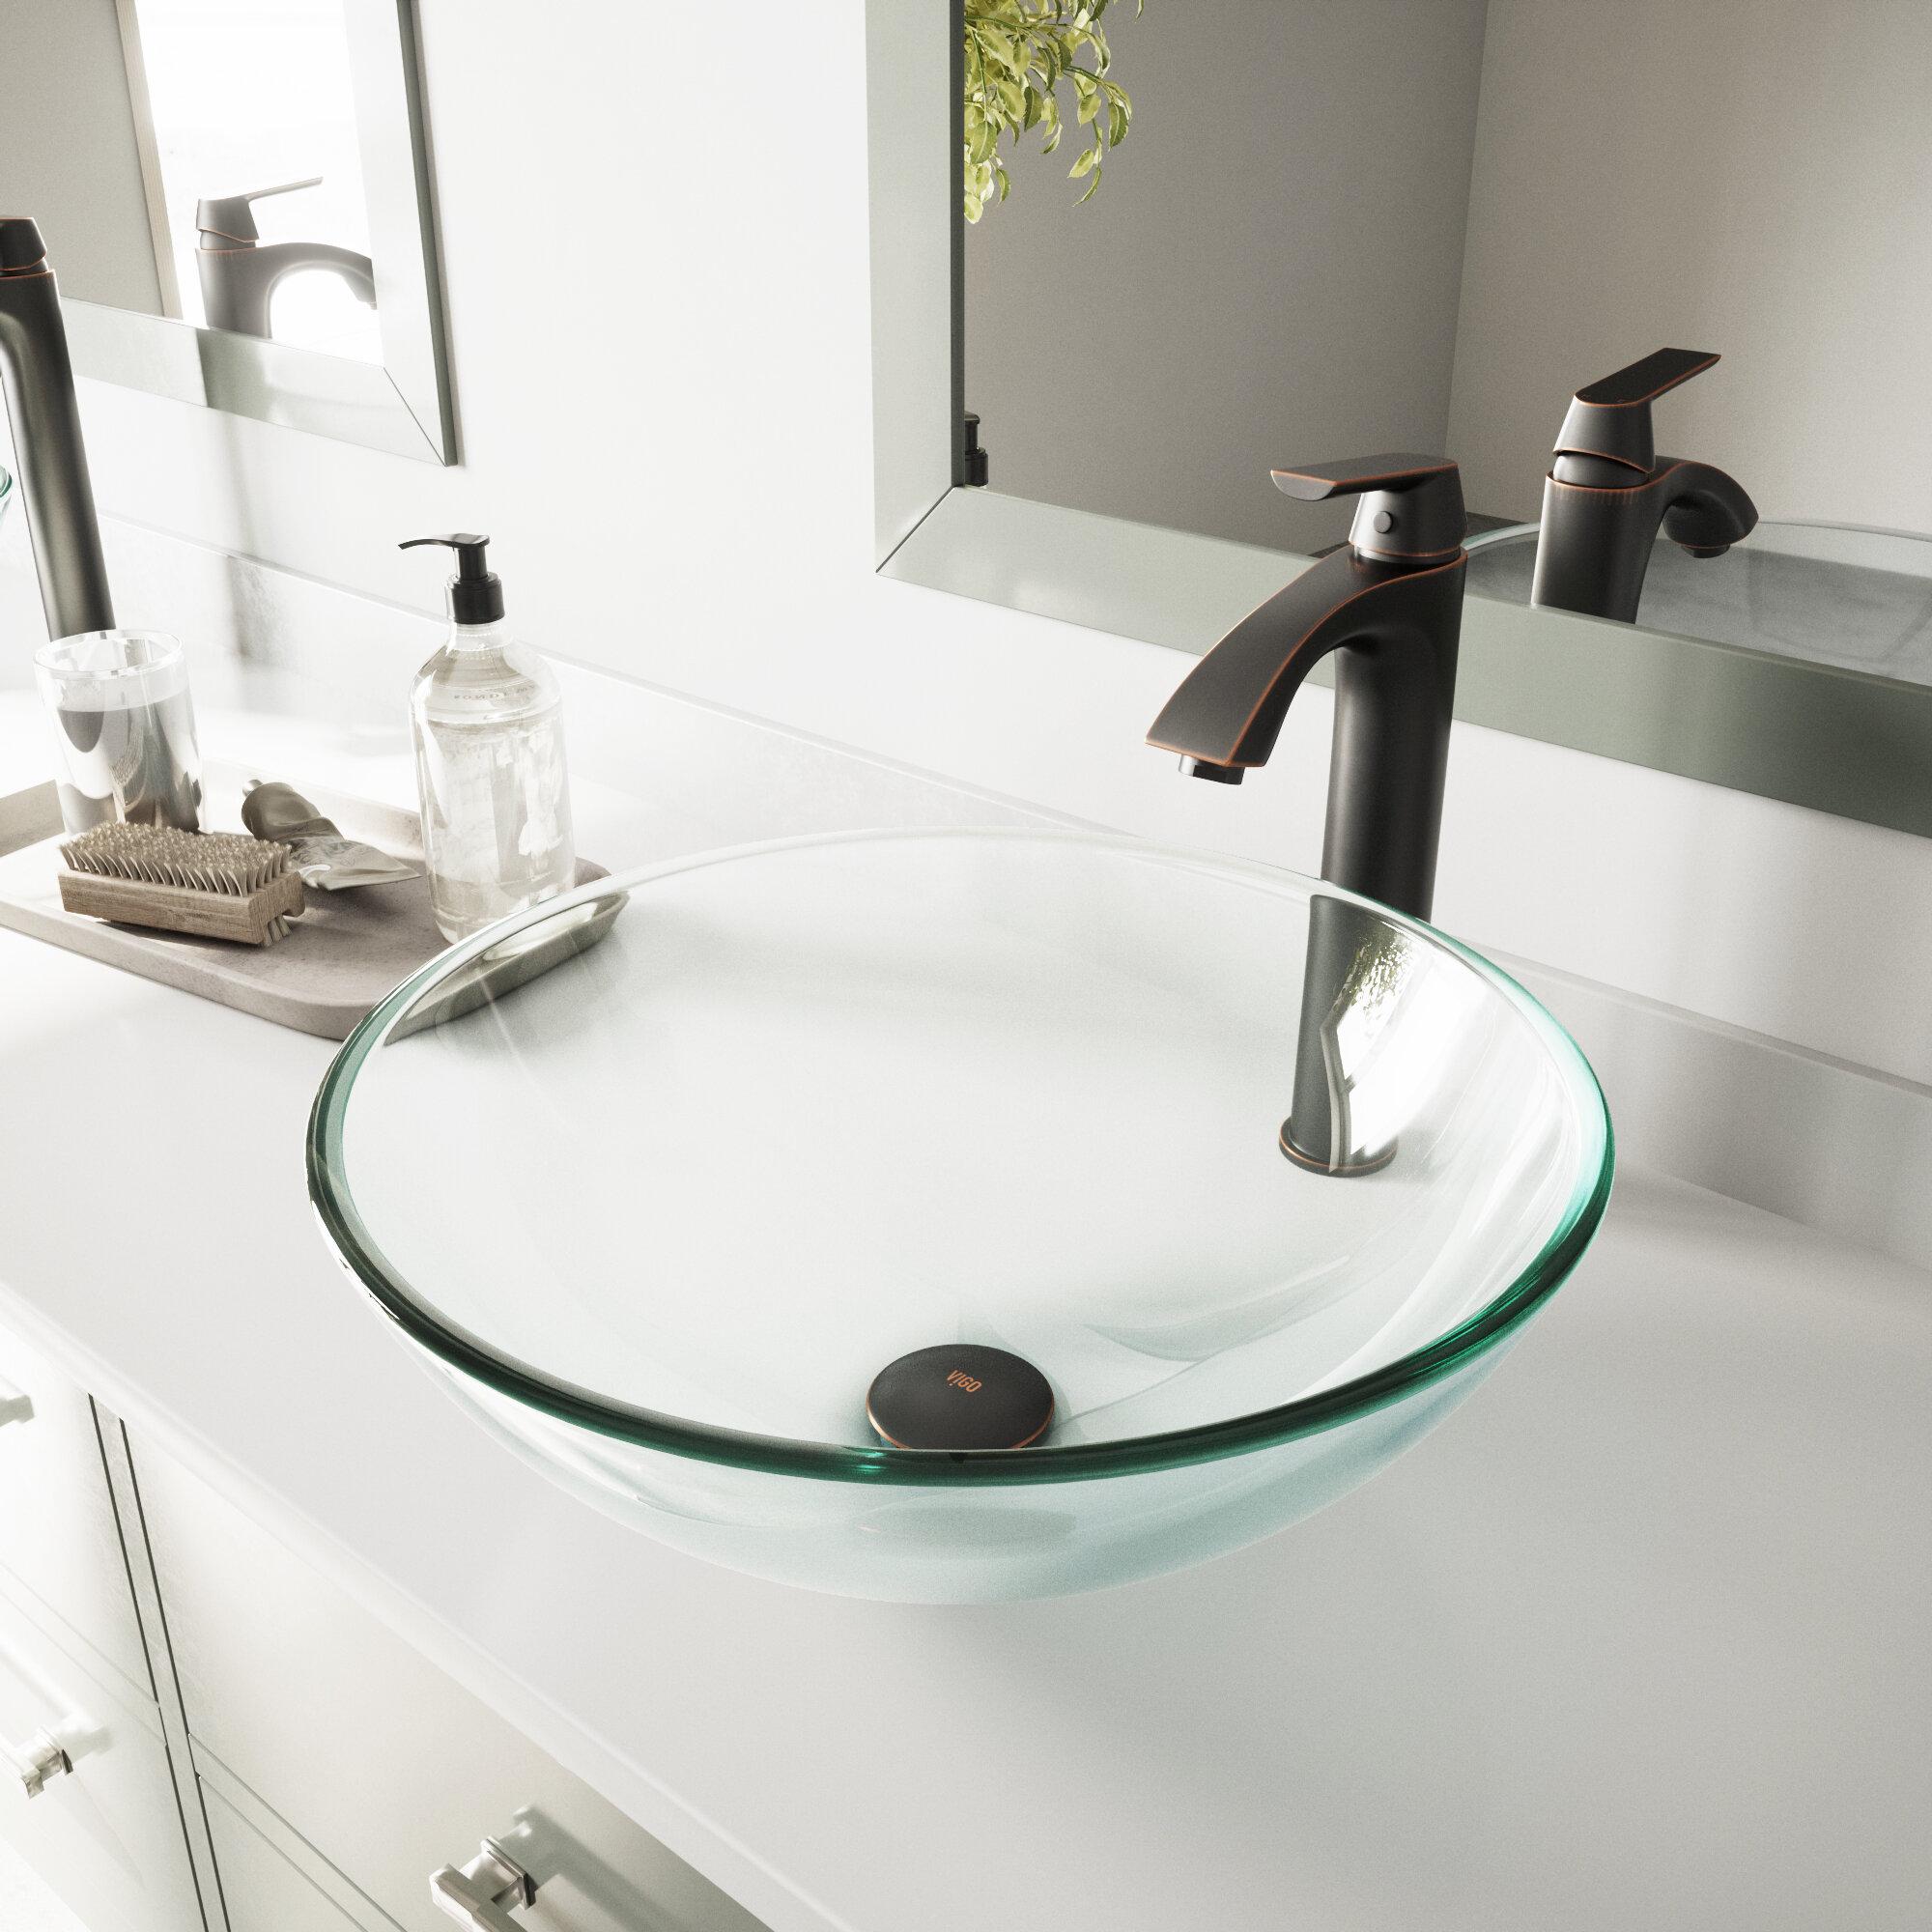 VIGO VIGO Tempered Glass Circular Vessel Bathroom Sink & Reviews ...